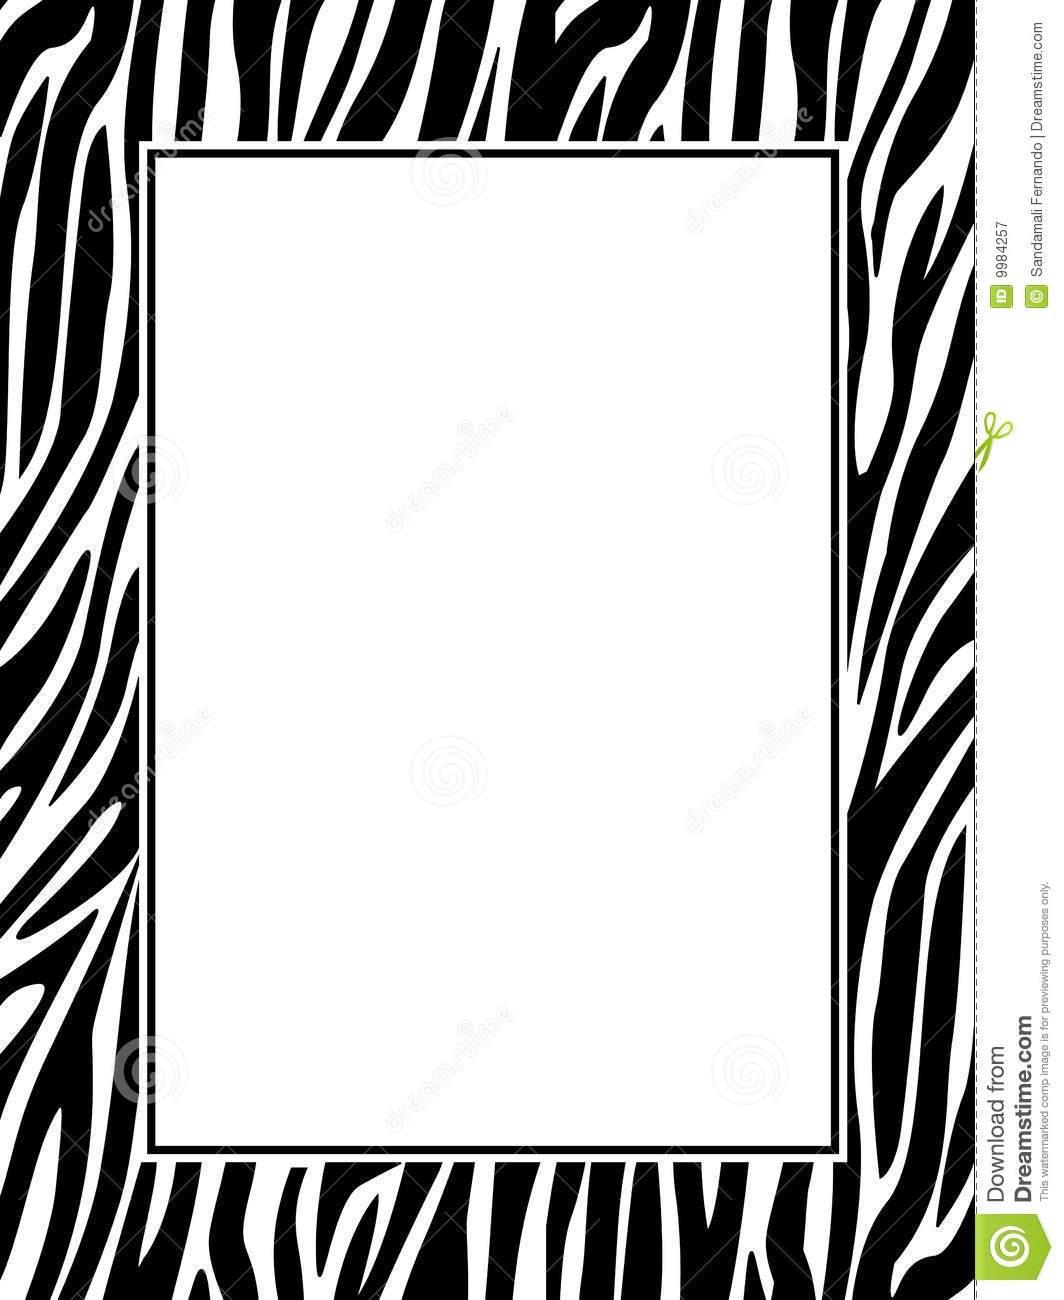 Zebra print frame clipart 1 » Clipart Portal.